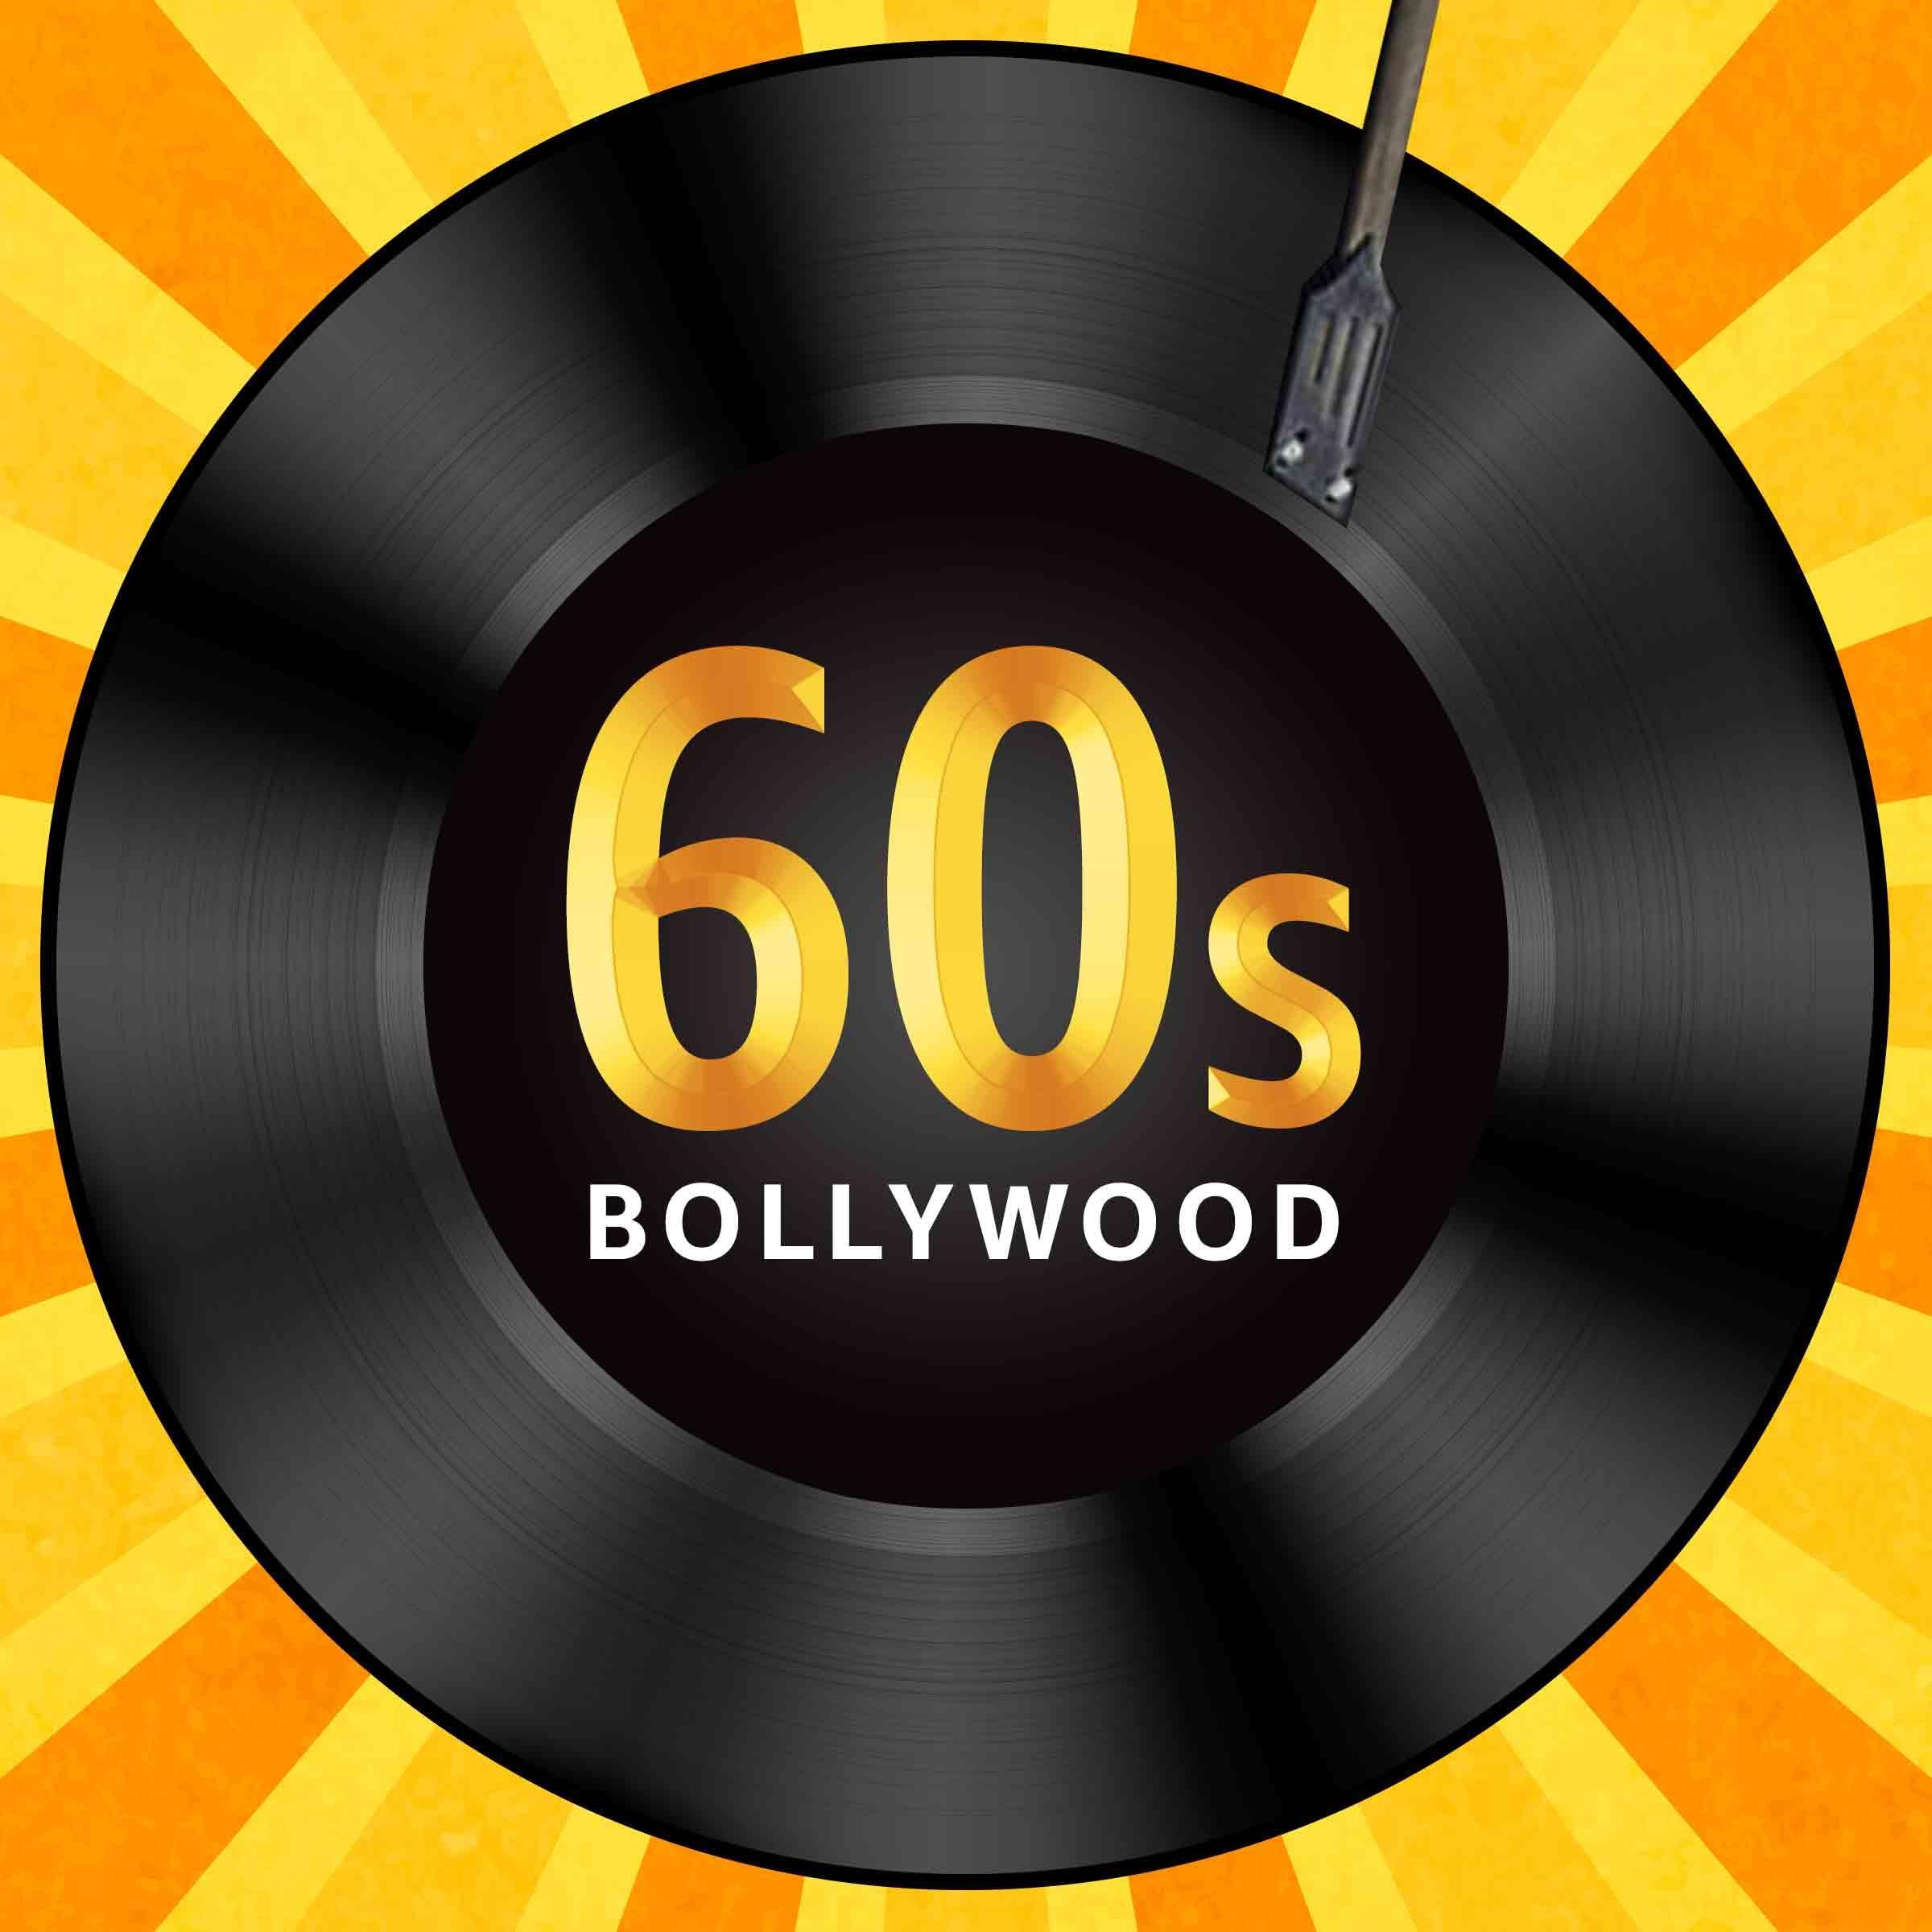 60s Bollywood